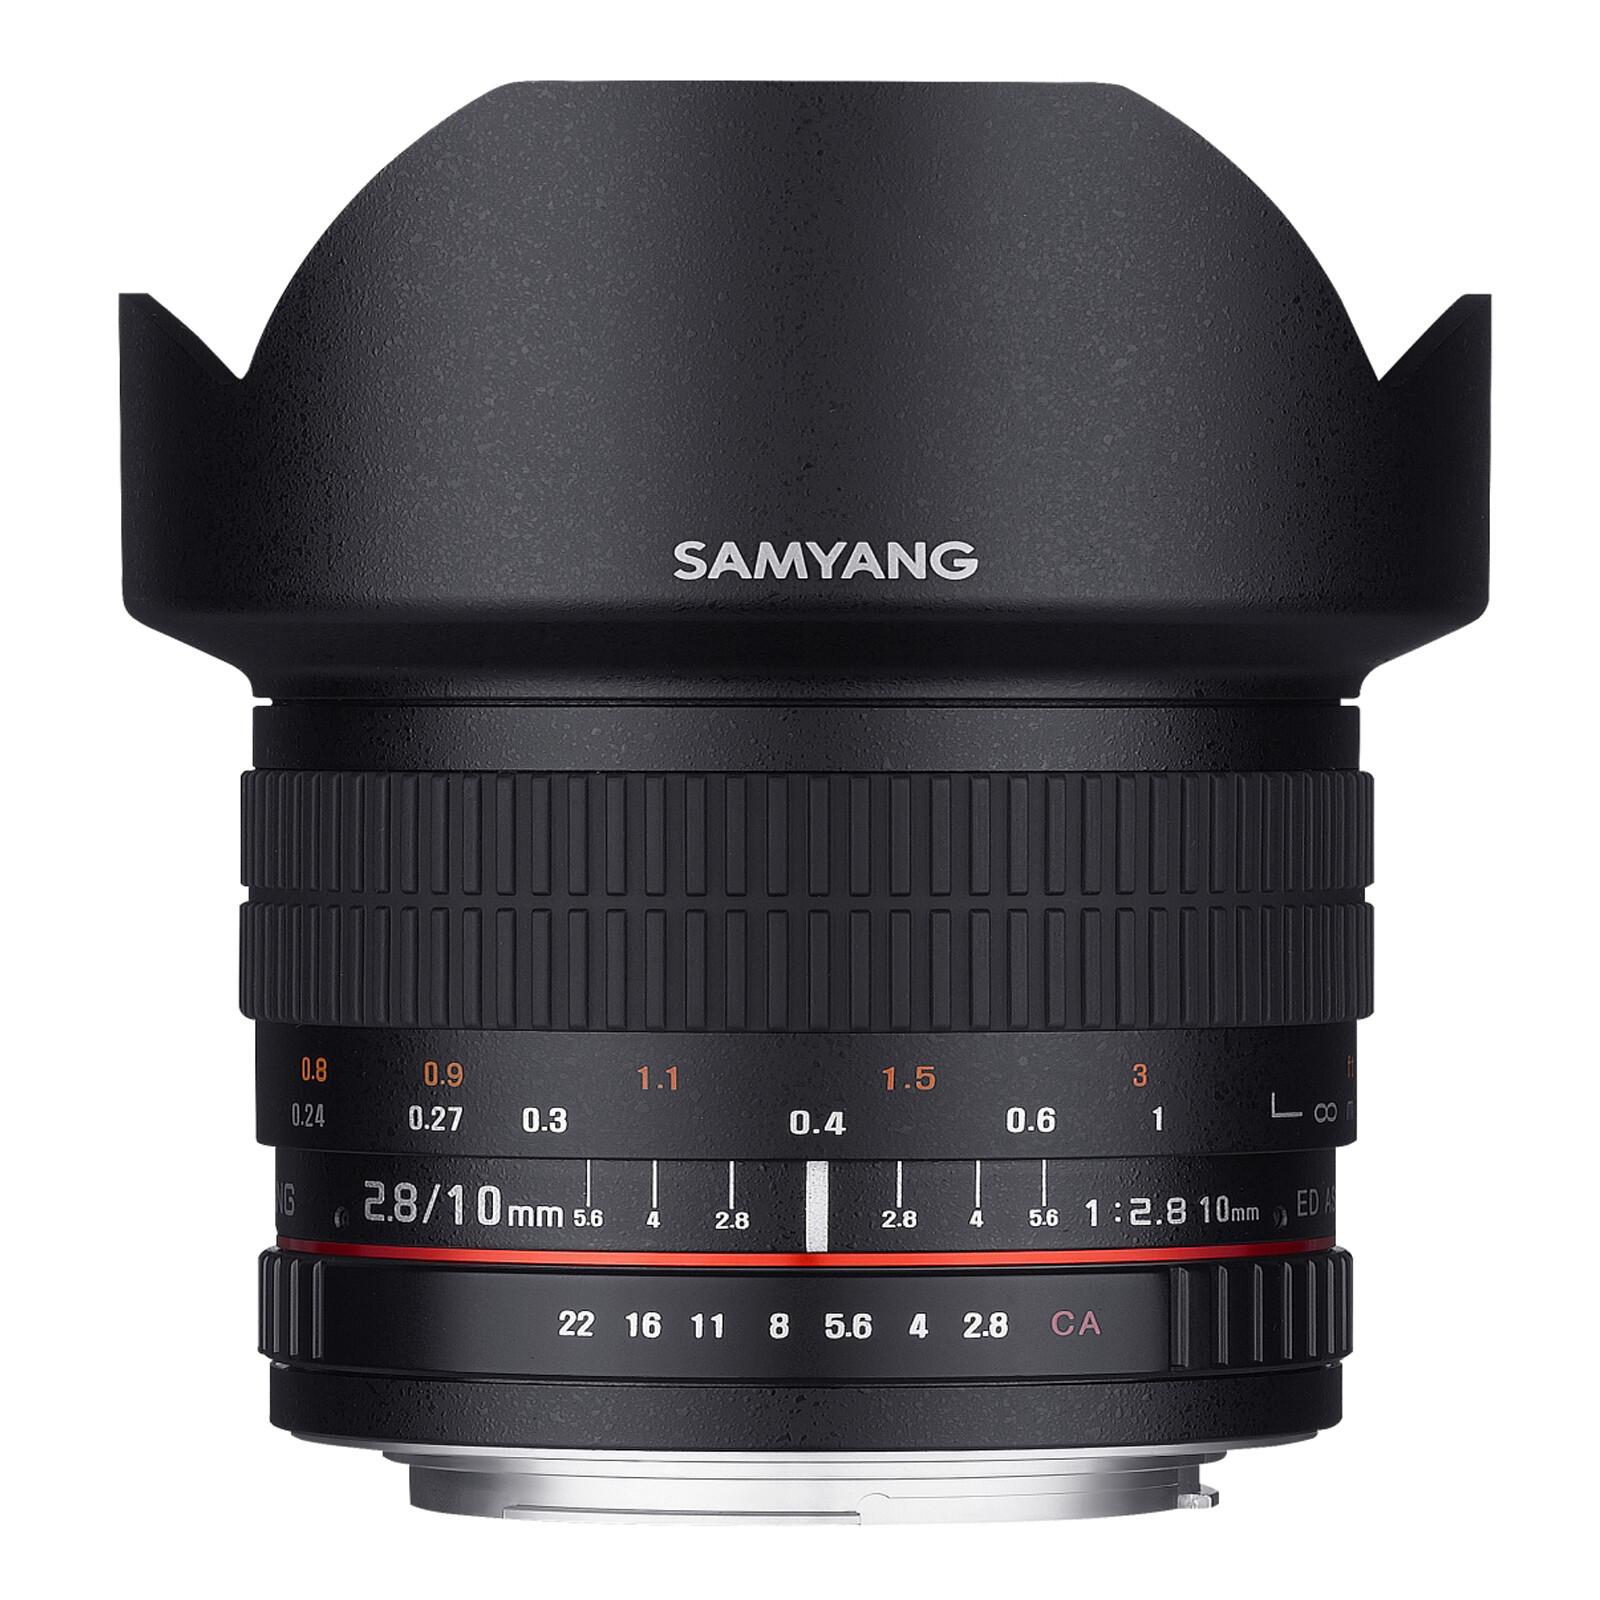 Samyang MF 10/2,8 APS-C Fuji X